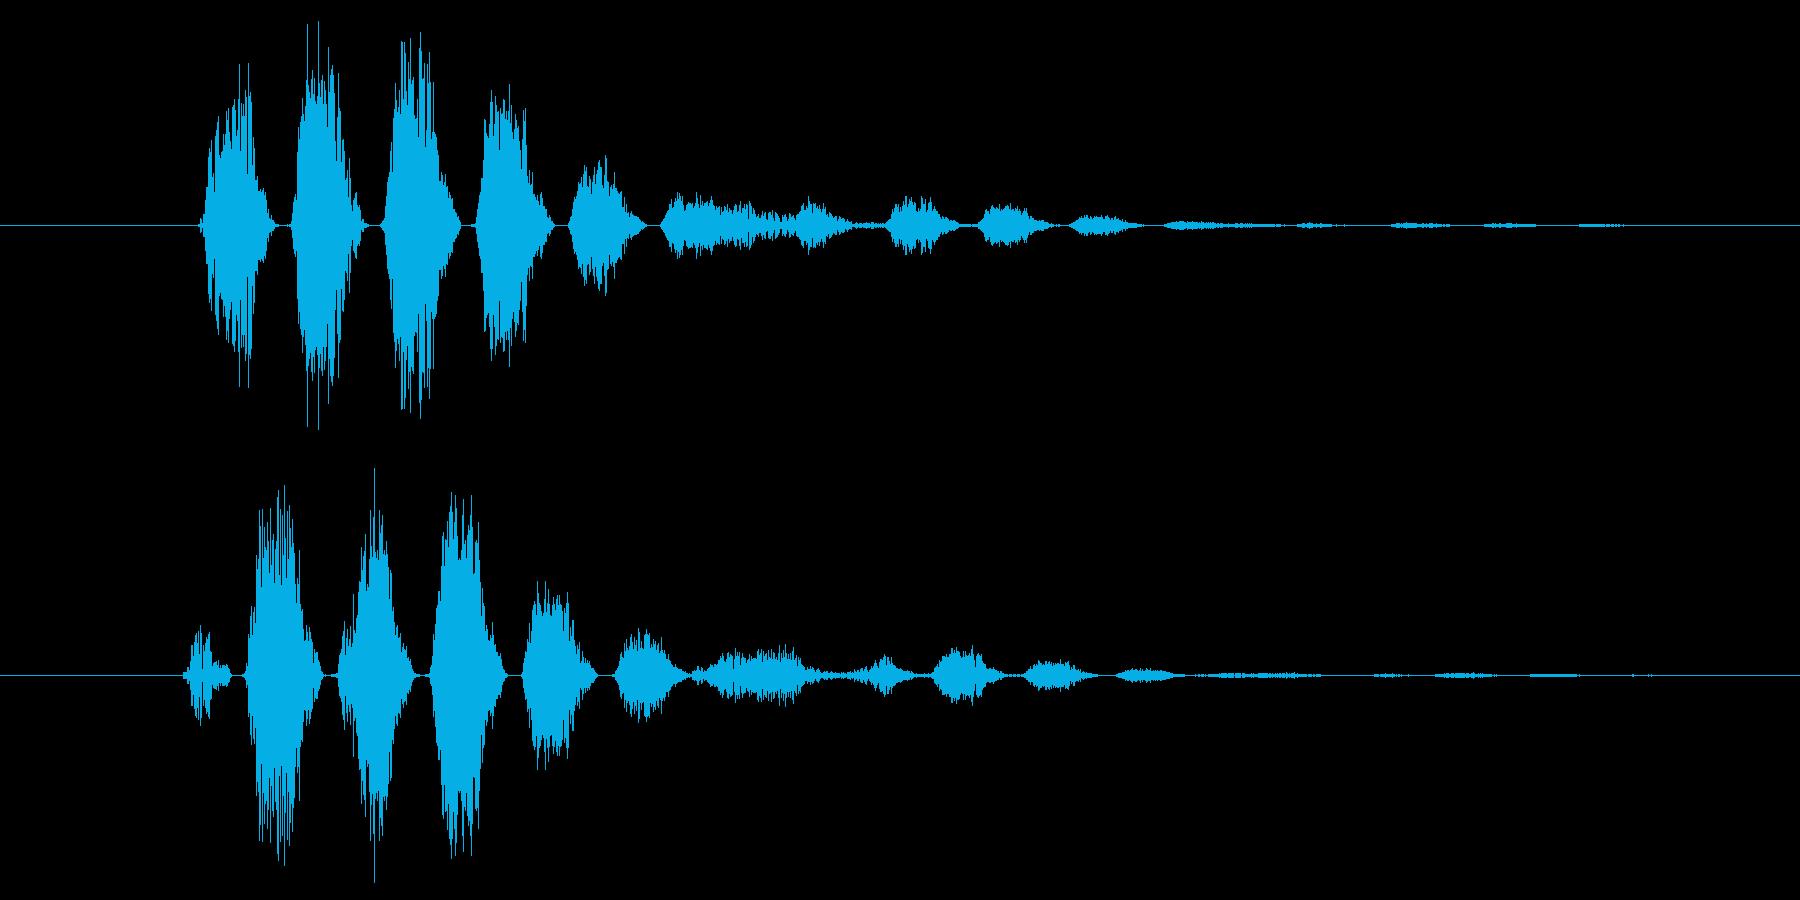 ピュン(決定音、呪文など色々使える音)の再生済みの波形